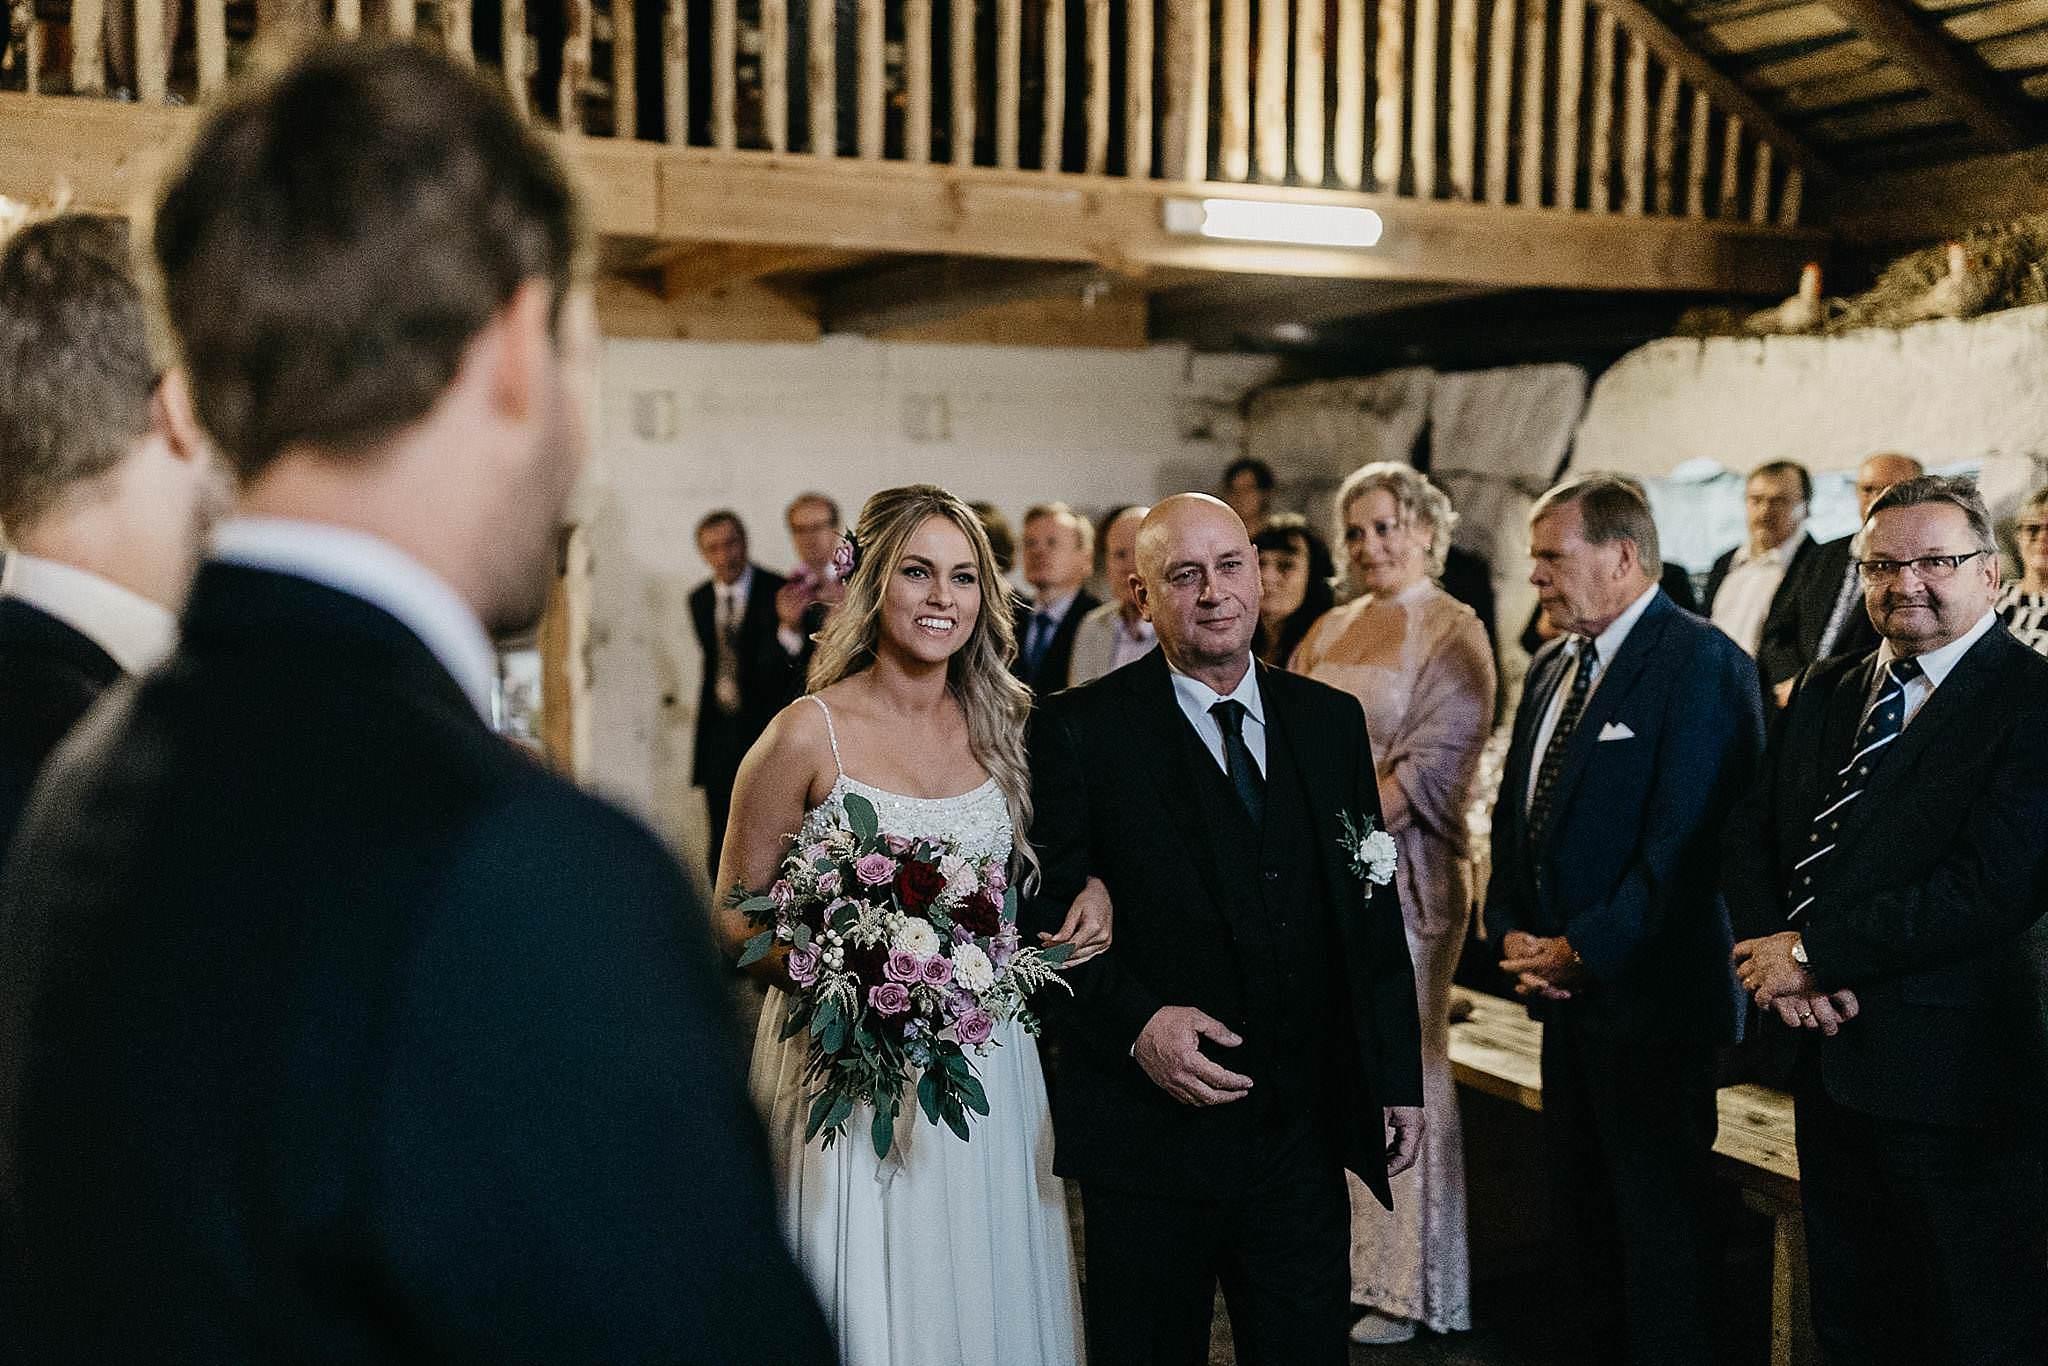 Haakuvaus_wedding_jyvaskyla_muurame_tuomiston_tila_0162.jpg